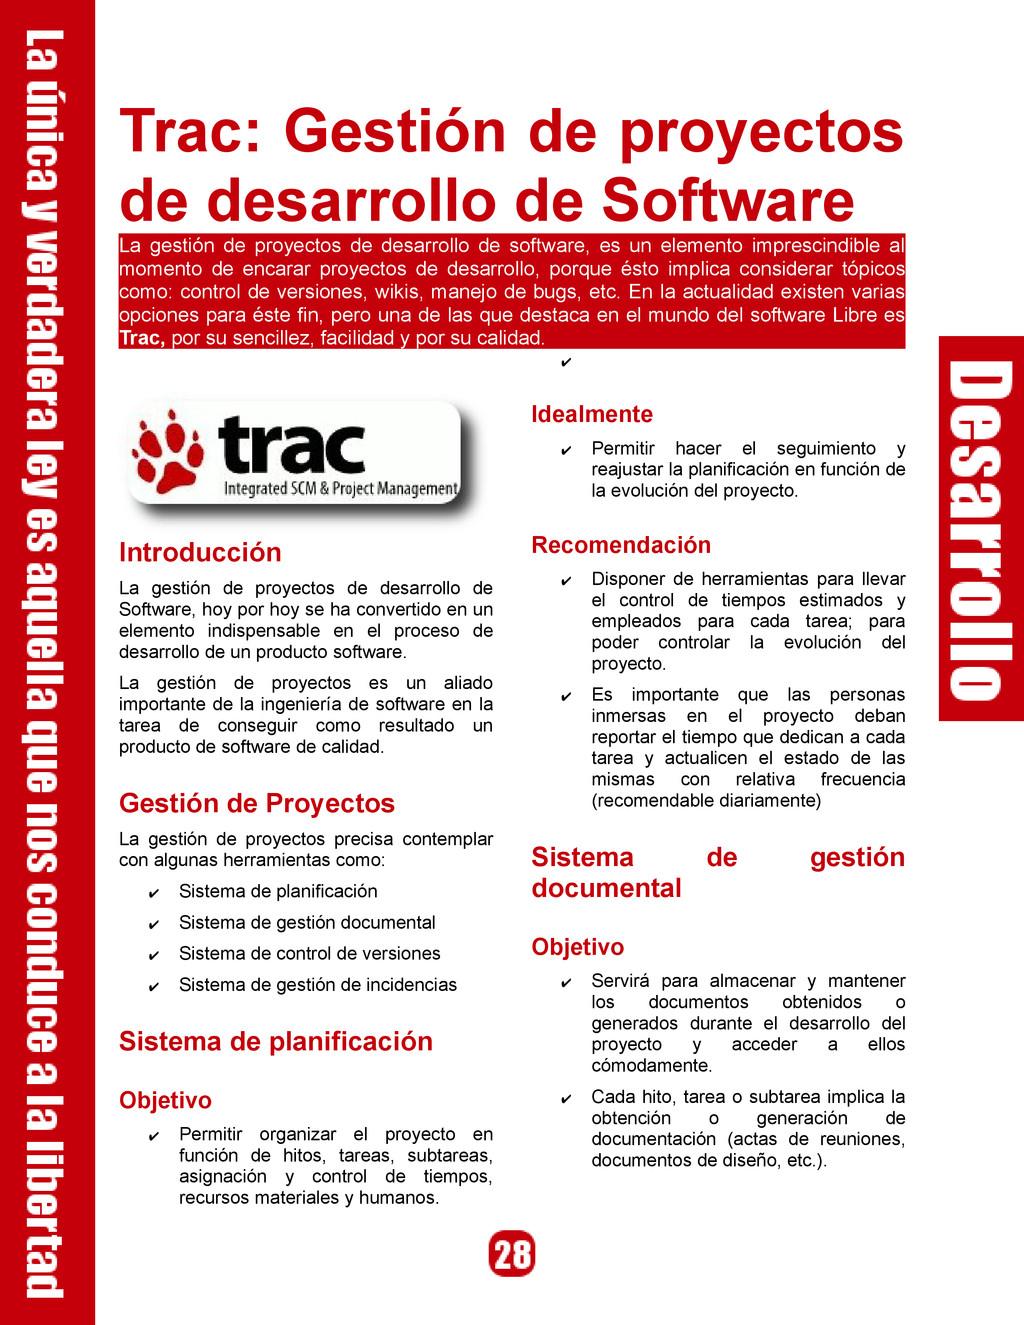 Trac: Gestión de proyectos de desarrollo de Sof...